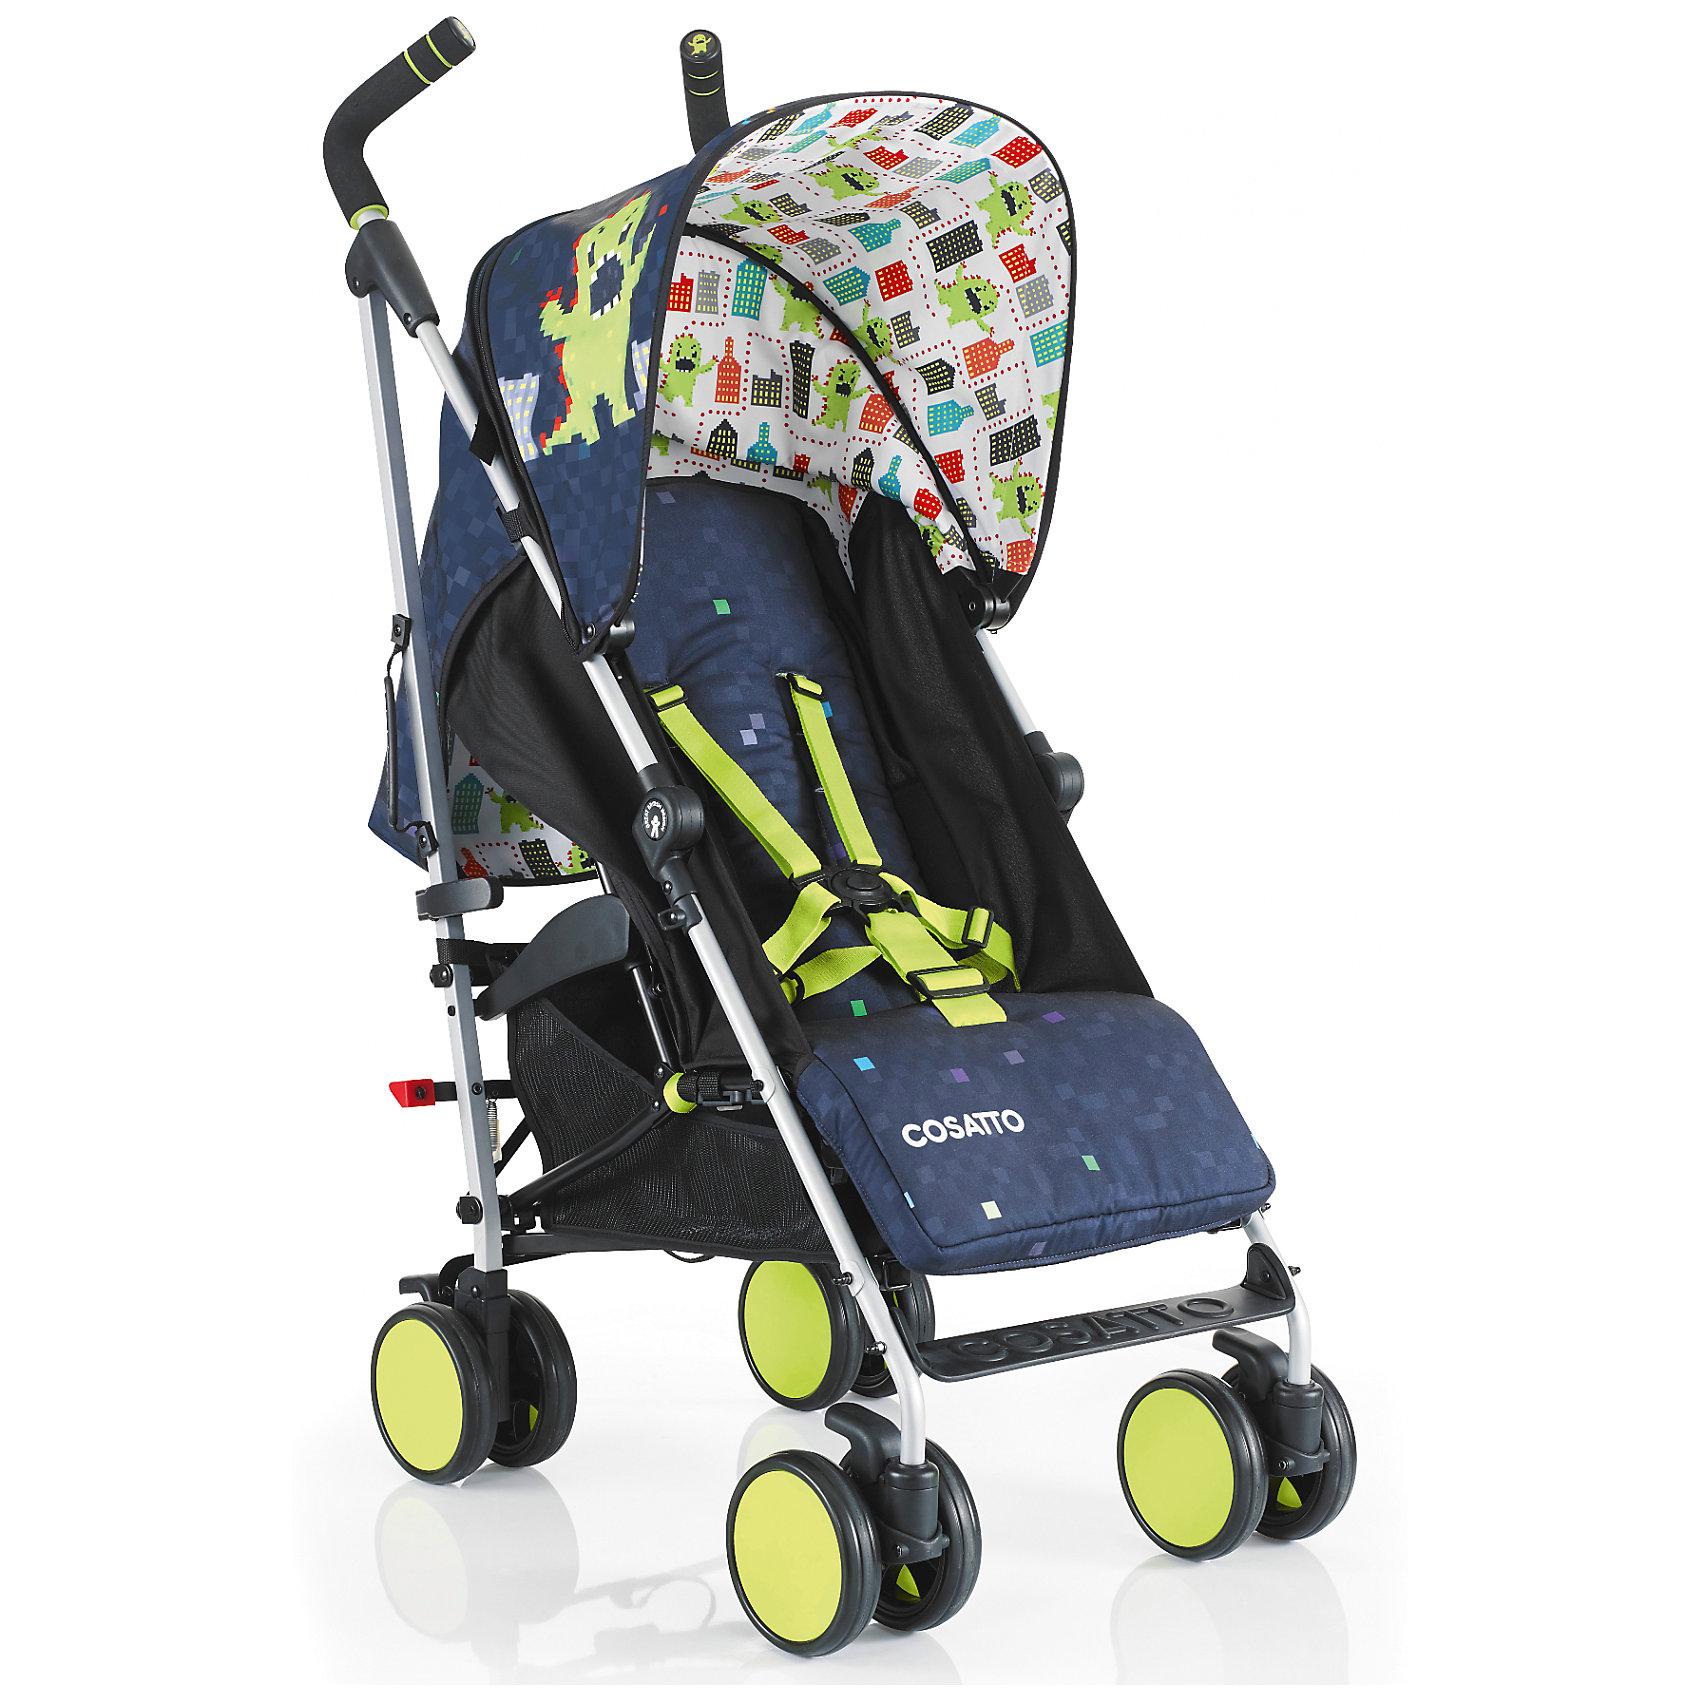 Коляска-трость Cosatto Supa Go, Monster ArcadeКоляски-трости<br>Стильная коляска станет для родителей не только незаменимой вещью, но и стильным аксессуаром. Функциональность, дизайн и маневренность – все это – новая модель от Cosatto. Все материалы, использованные при изготовлении, безопасны и отвечают требованиям по качеству продукции.<br><br>Дополнительные характеристики: <br><br>возраст: 6 месяцев – 3 года;<br>регулируемый капюшон;<br>механизм складывания: трость;<br>регулировка спинки;<br>ножной тормоз;<br>пятиточечные ремни безопасности;<br>габариты: 78 х 48,5 х 110 см;<br>материал шасси: алюминий;<br>комплектация: дождевик<br><br>ВНИМАНИЕ!!! В комплектацию коляски не входит бампер, его можно купить отдельно.<br><br>Коляску-трость SUPA Go от компании Cosatto можно приобрести в нашем магазине.<br><br>Яркие и стильные расцветки коляски поднимут вам настроение. Регулируемый капюшон и спинка. Без бампера<br><br>Ширина мм: 1120<br>Глубина мм: 280<br>Высота мм: 280<br>Вес г: 12000<br>Возраст от месяцев: 6<br>Возраст до месяцев: 36<br>Пол: Унисекс<br>Возраст: Детский<br>SKU: 5448679